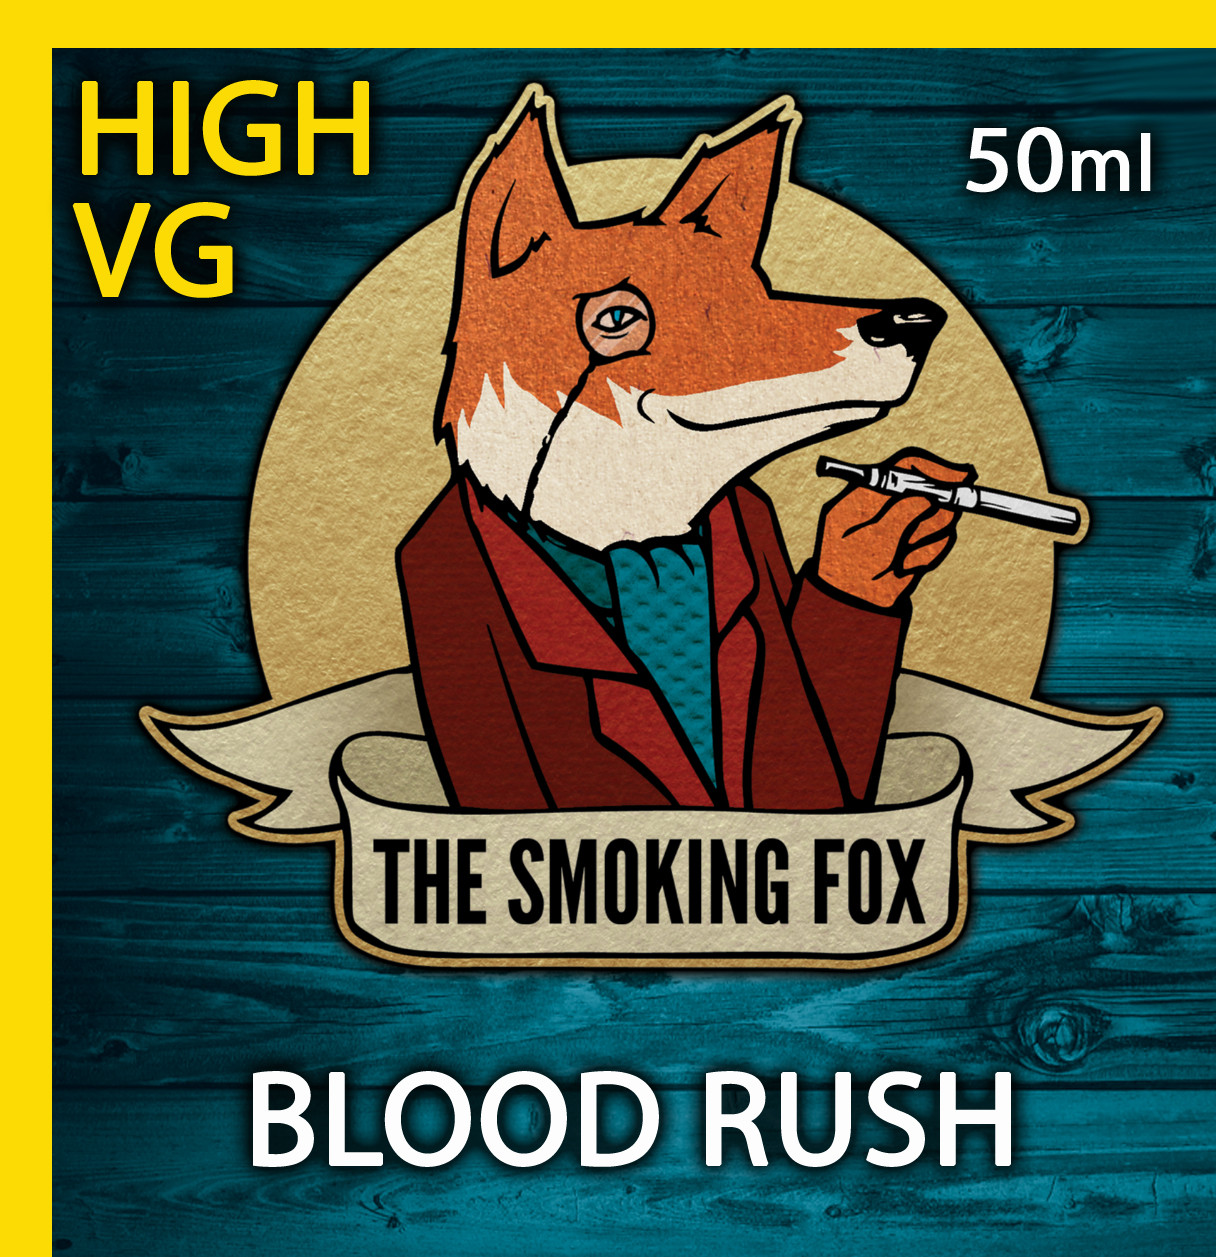 THE SMOKING FOX 50ML HIGH VG - BLOOD RUSH